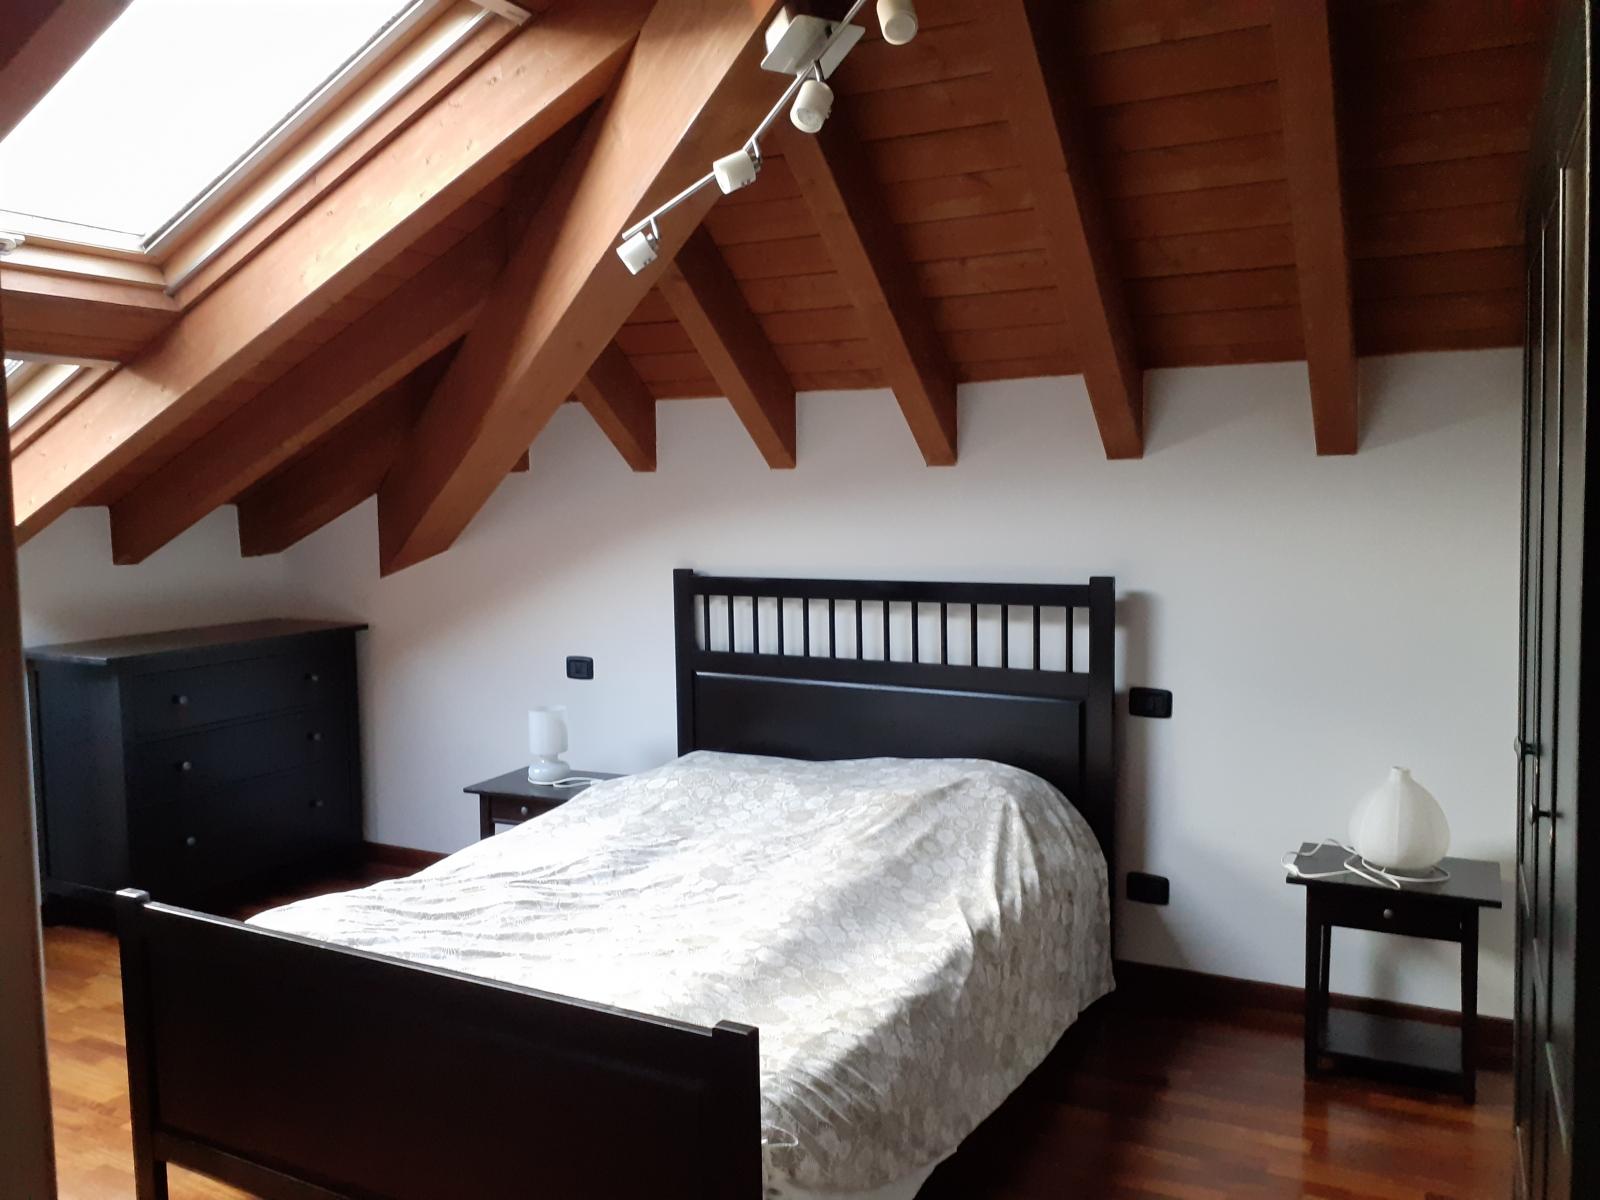 appartamento-in-vendita-a-rho-mansarda-2-3-locali-spaziourbano-immobiliere-vende-2